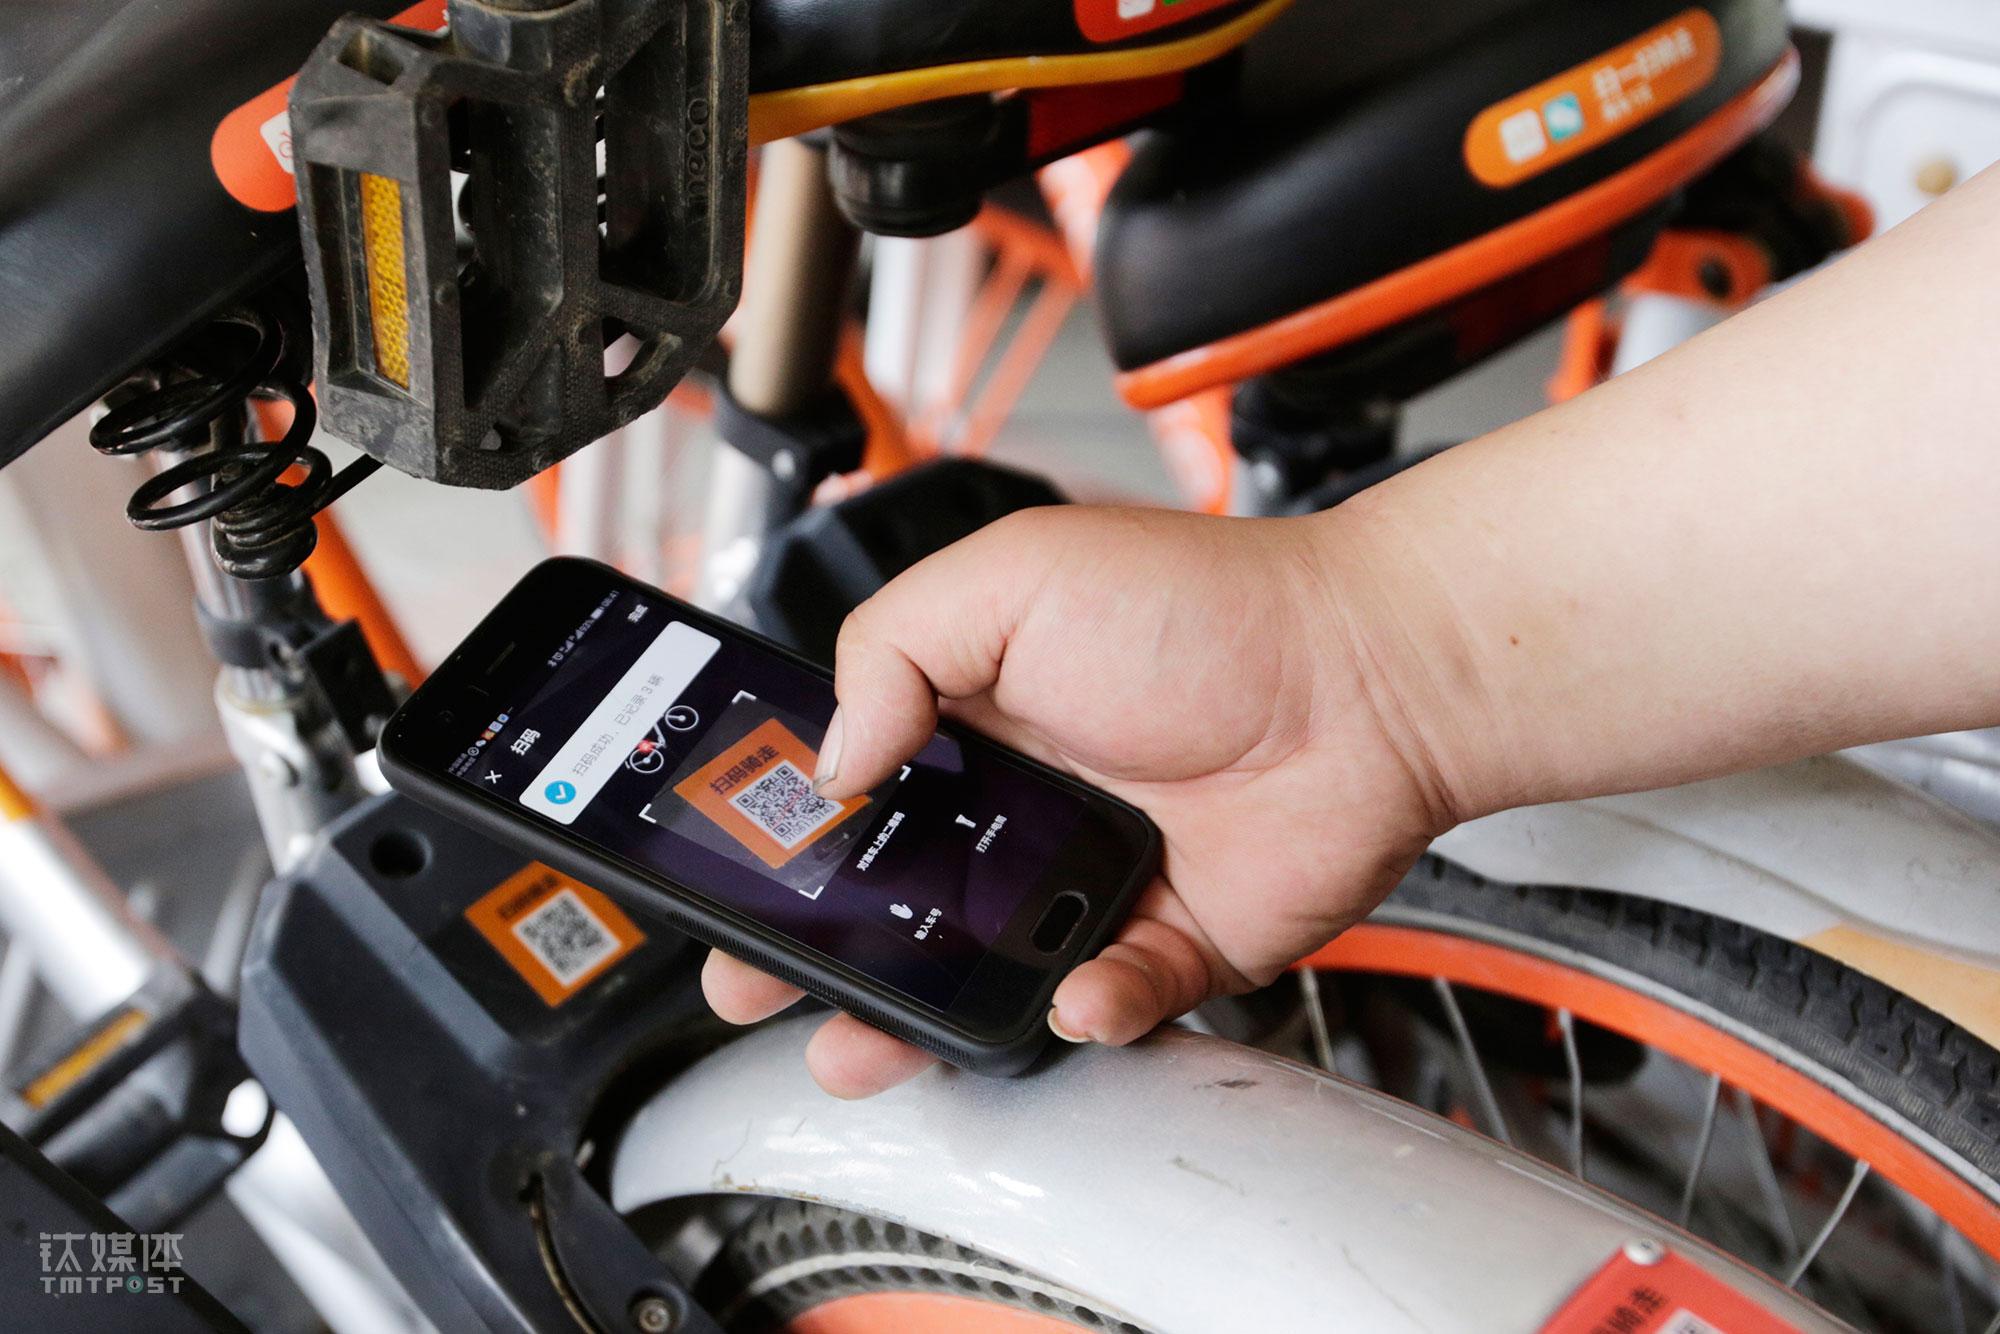 按照公司规定,三轮车工作时间从上午7点到下午2点,在这段时间内要运送150辆单车。每搬运一辆车,大强都要拿出手机扫码登记,供系统统计工作量。